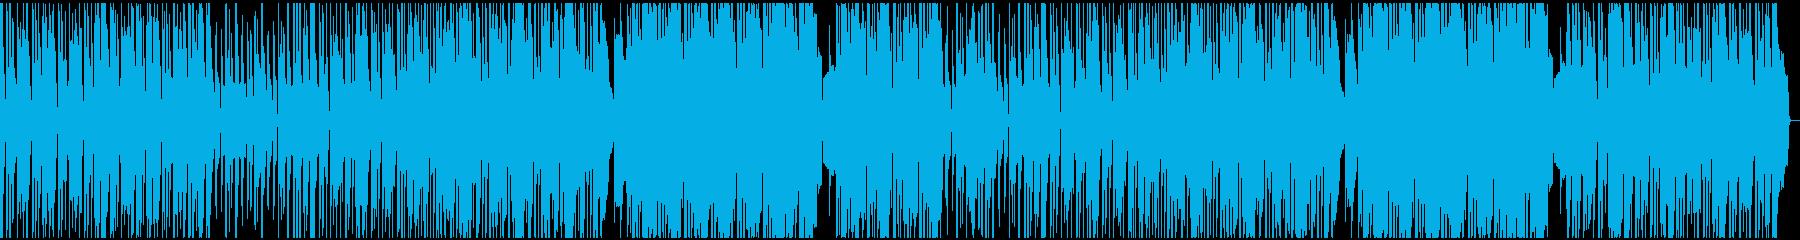 ファンキグルーヴィーなリズムとギターリフの再生済みの波形